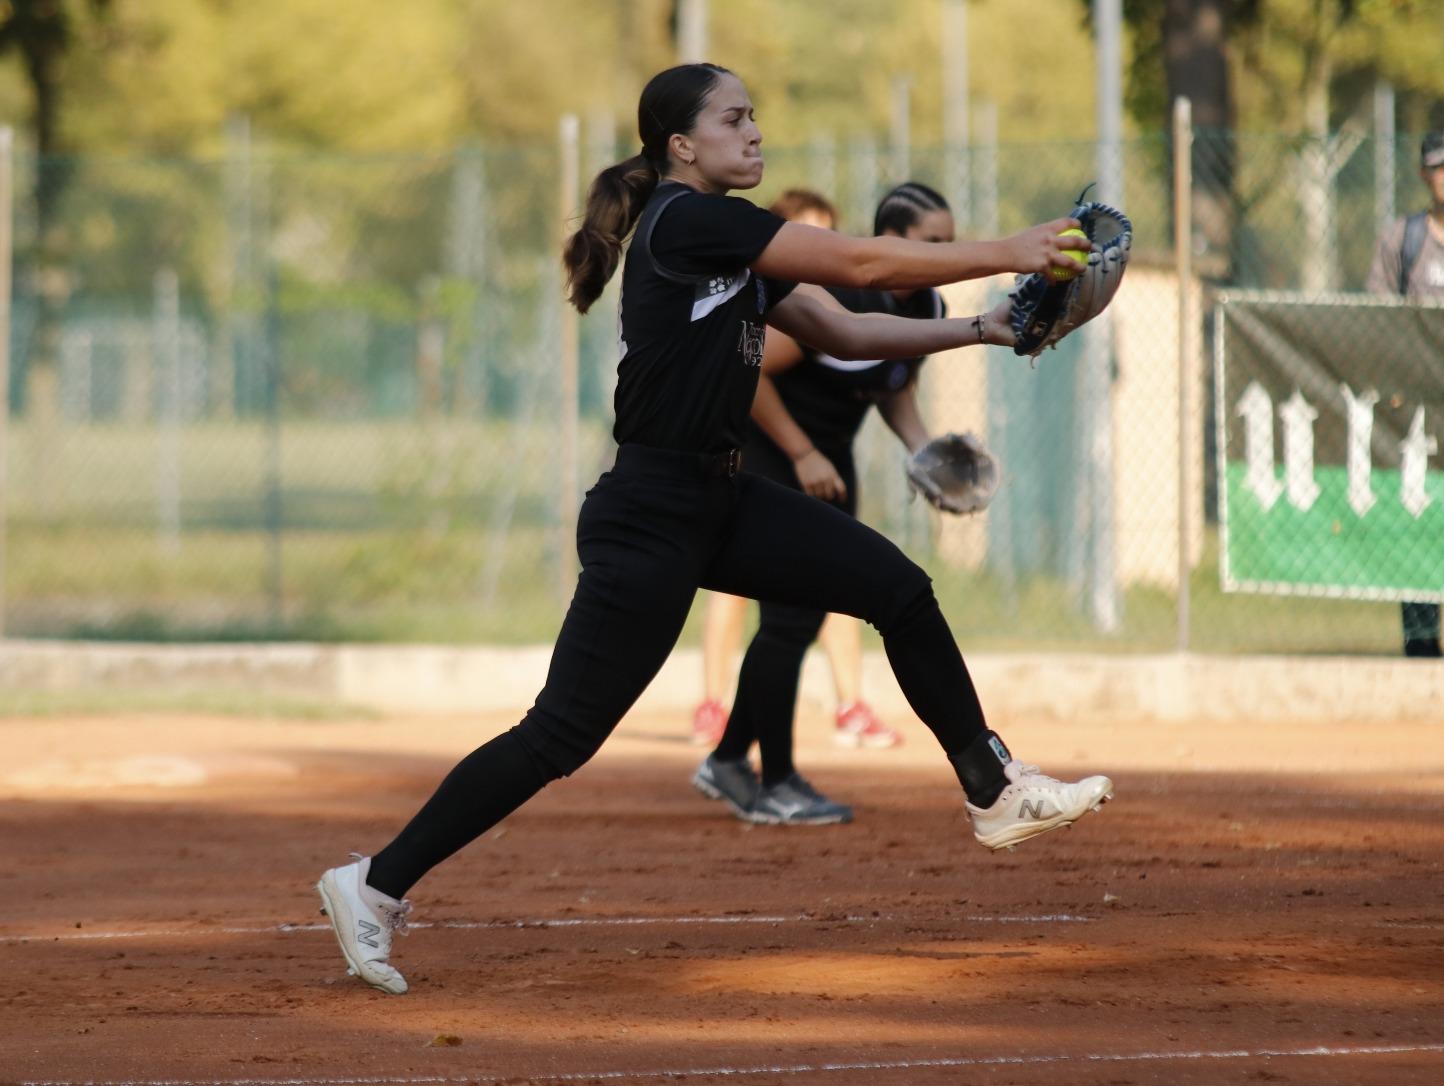 Forlì accede alla semifinale con uno sweep su Caronno. Pareggio dopo le prime due partite nel playout